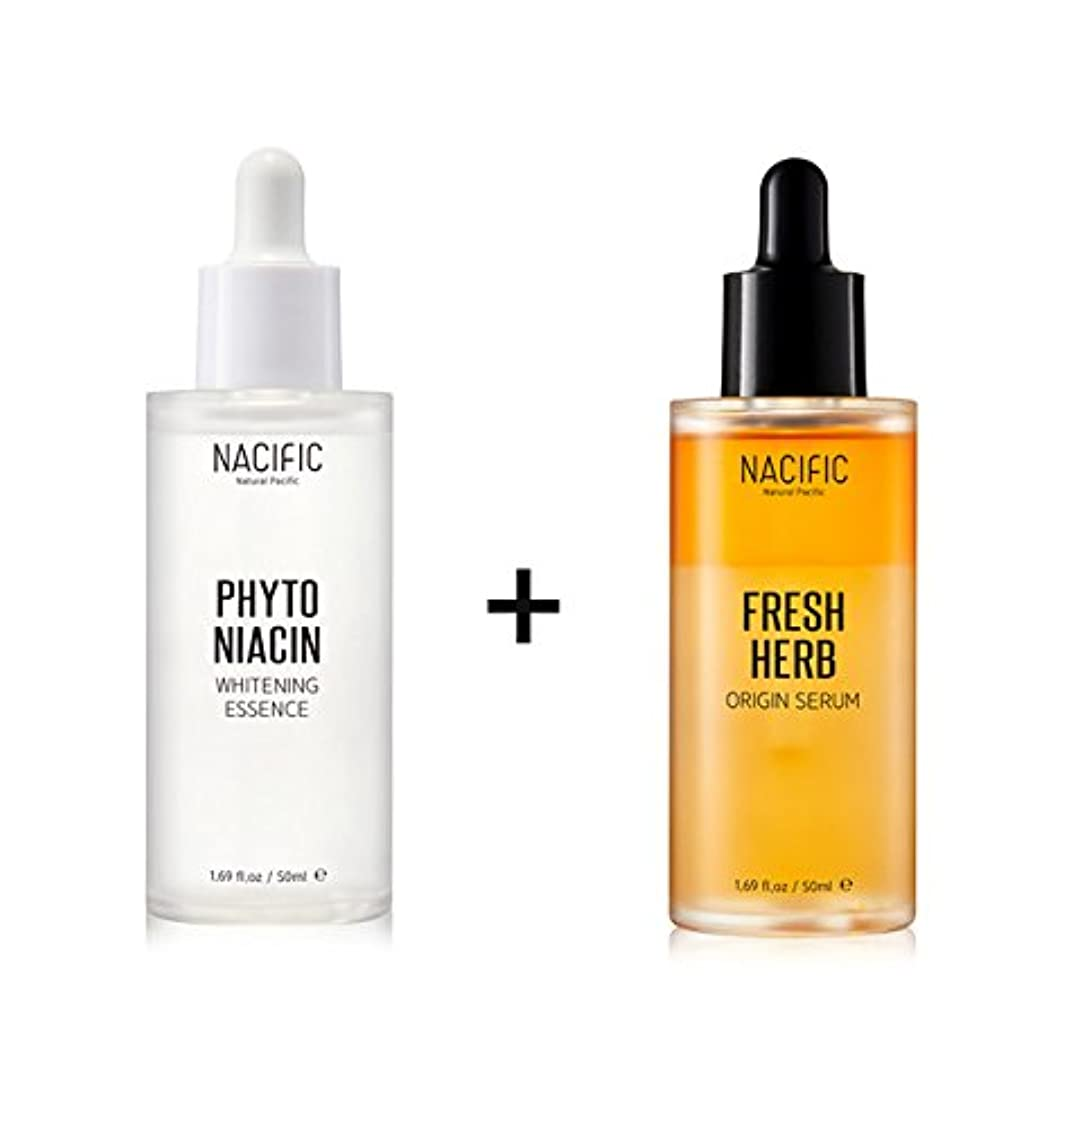 区別倉庫擬人化[Renewal] NACIFIC Fresh Herb Origin Serum 50ml + Phyto Niacin Whitening Essence 50ml/ナシフィック フレッシュ ハーブ オリジン セラム...